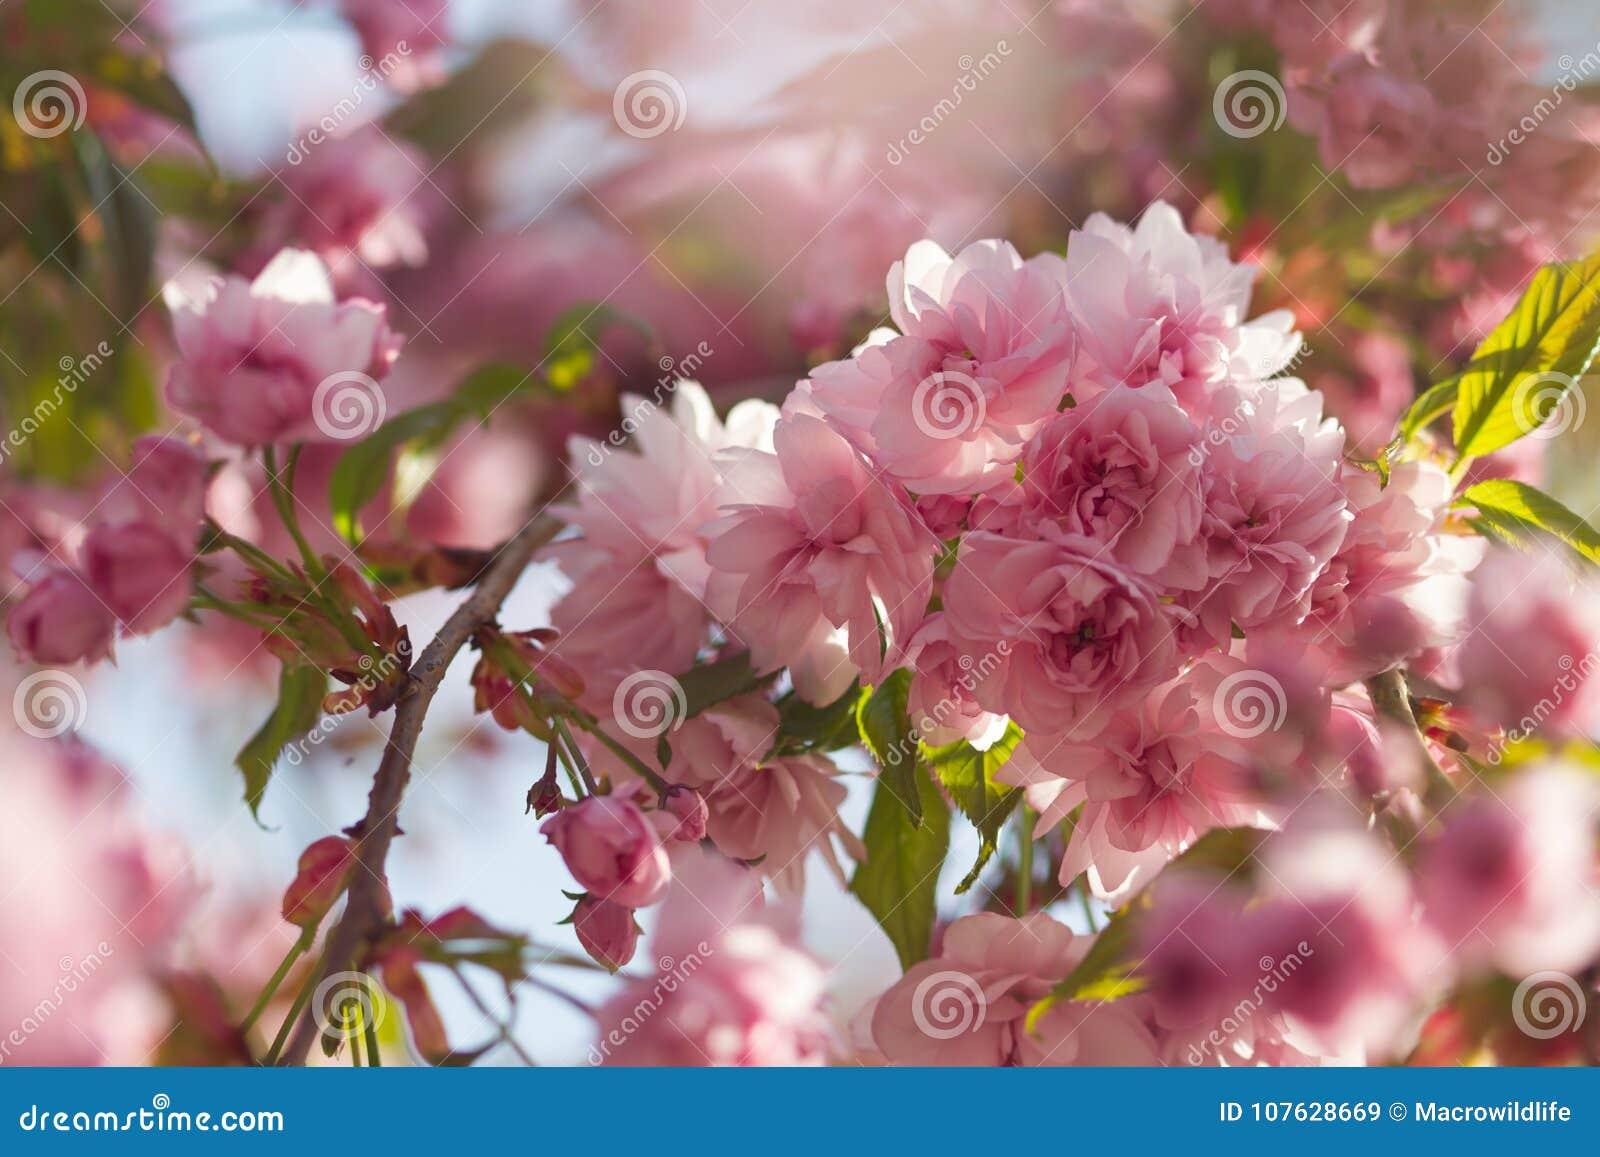 与开花的日本樱花佐仓开花桃红色的春天背景发芽与软的阳光软的焦点